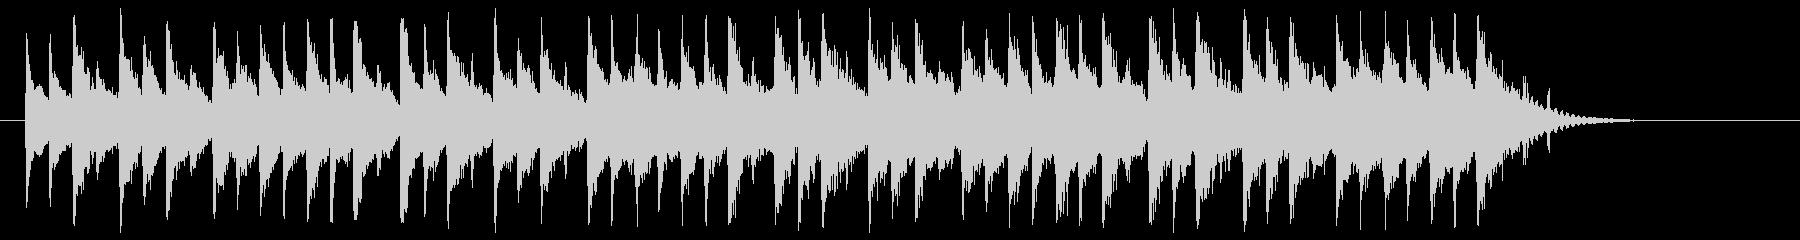 琴、三味線等のしっとり和風バラードBGMの未再生の波形